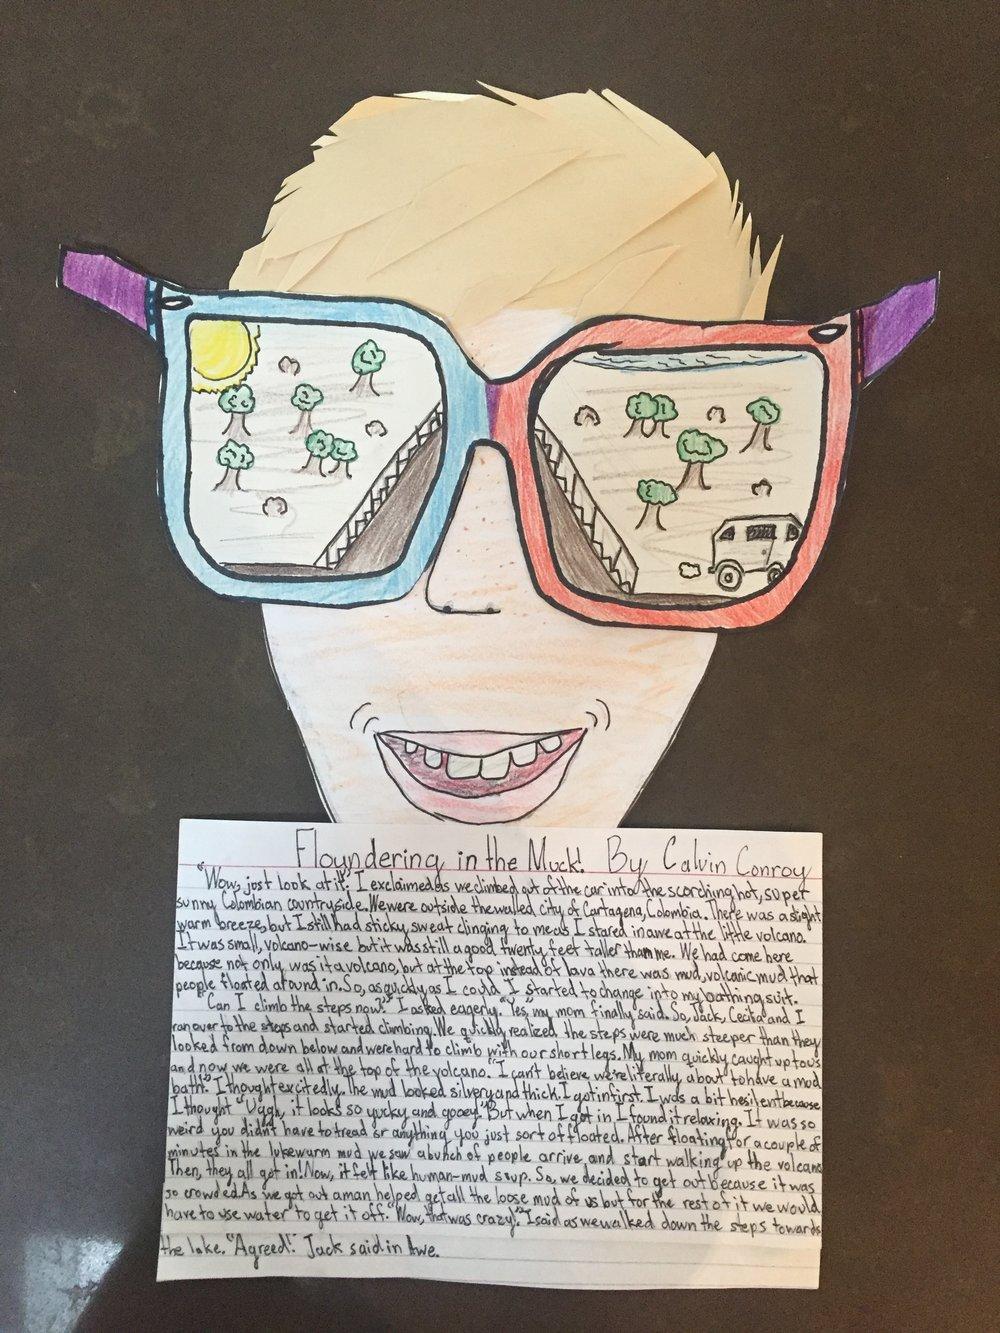 written by Calvin, as a 5th grade school assignment